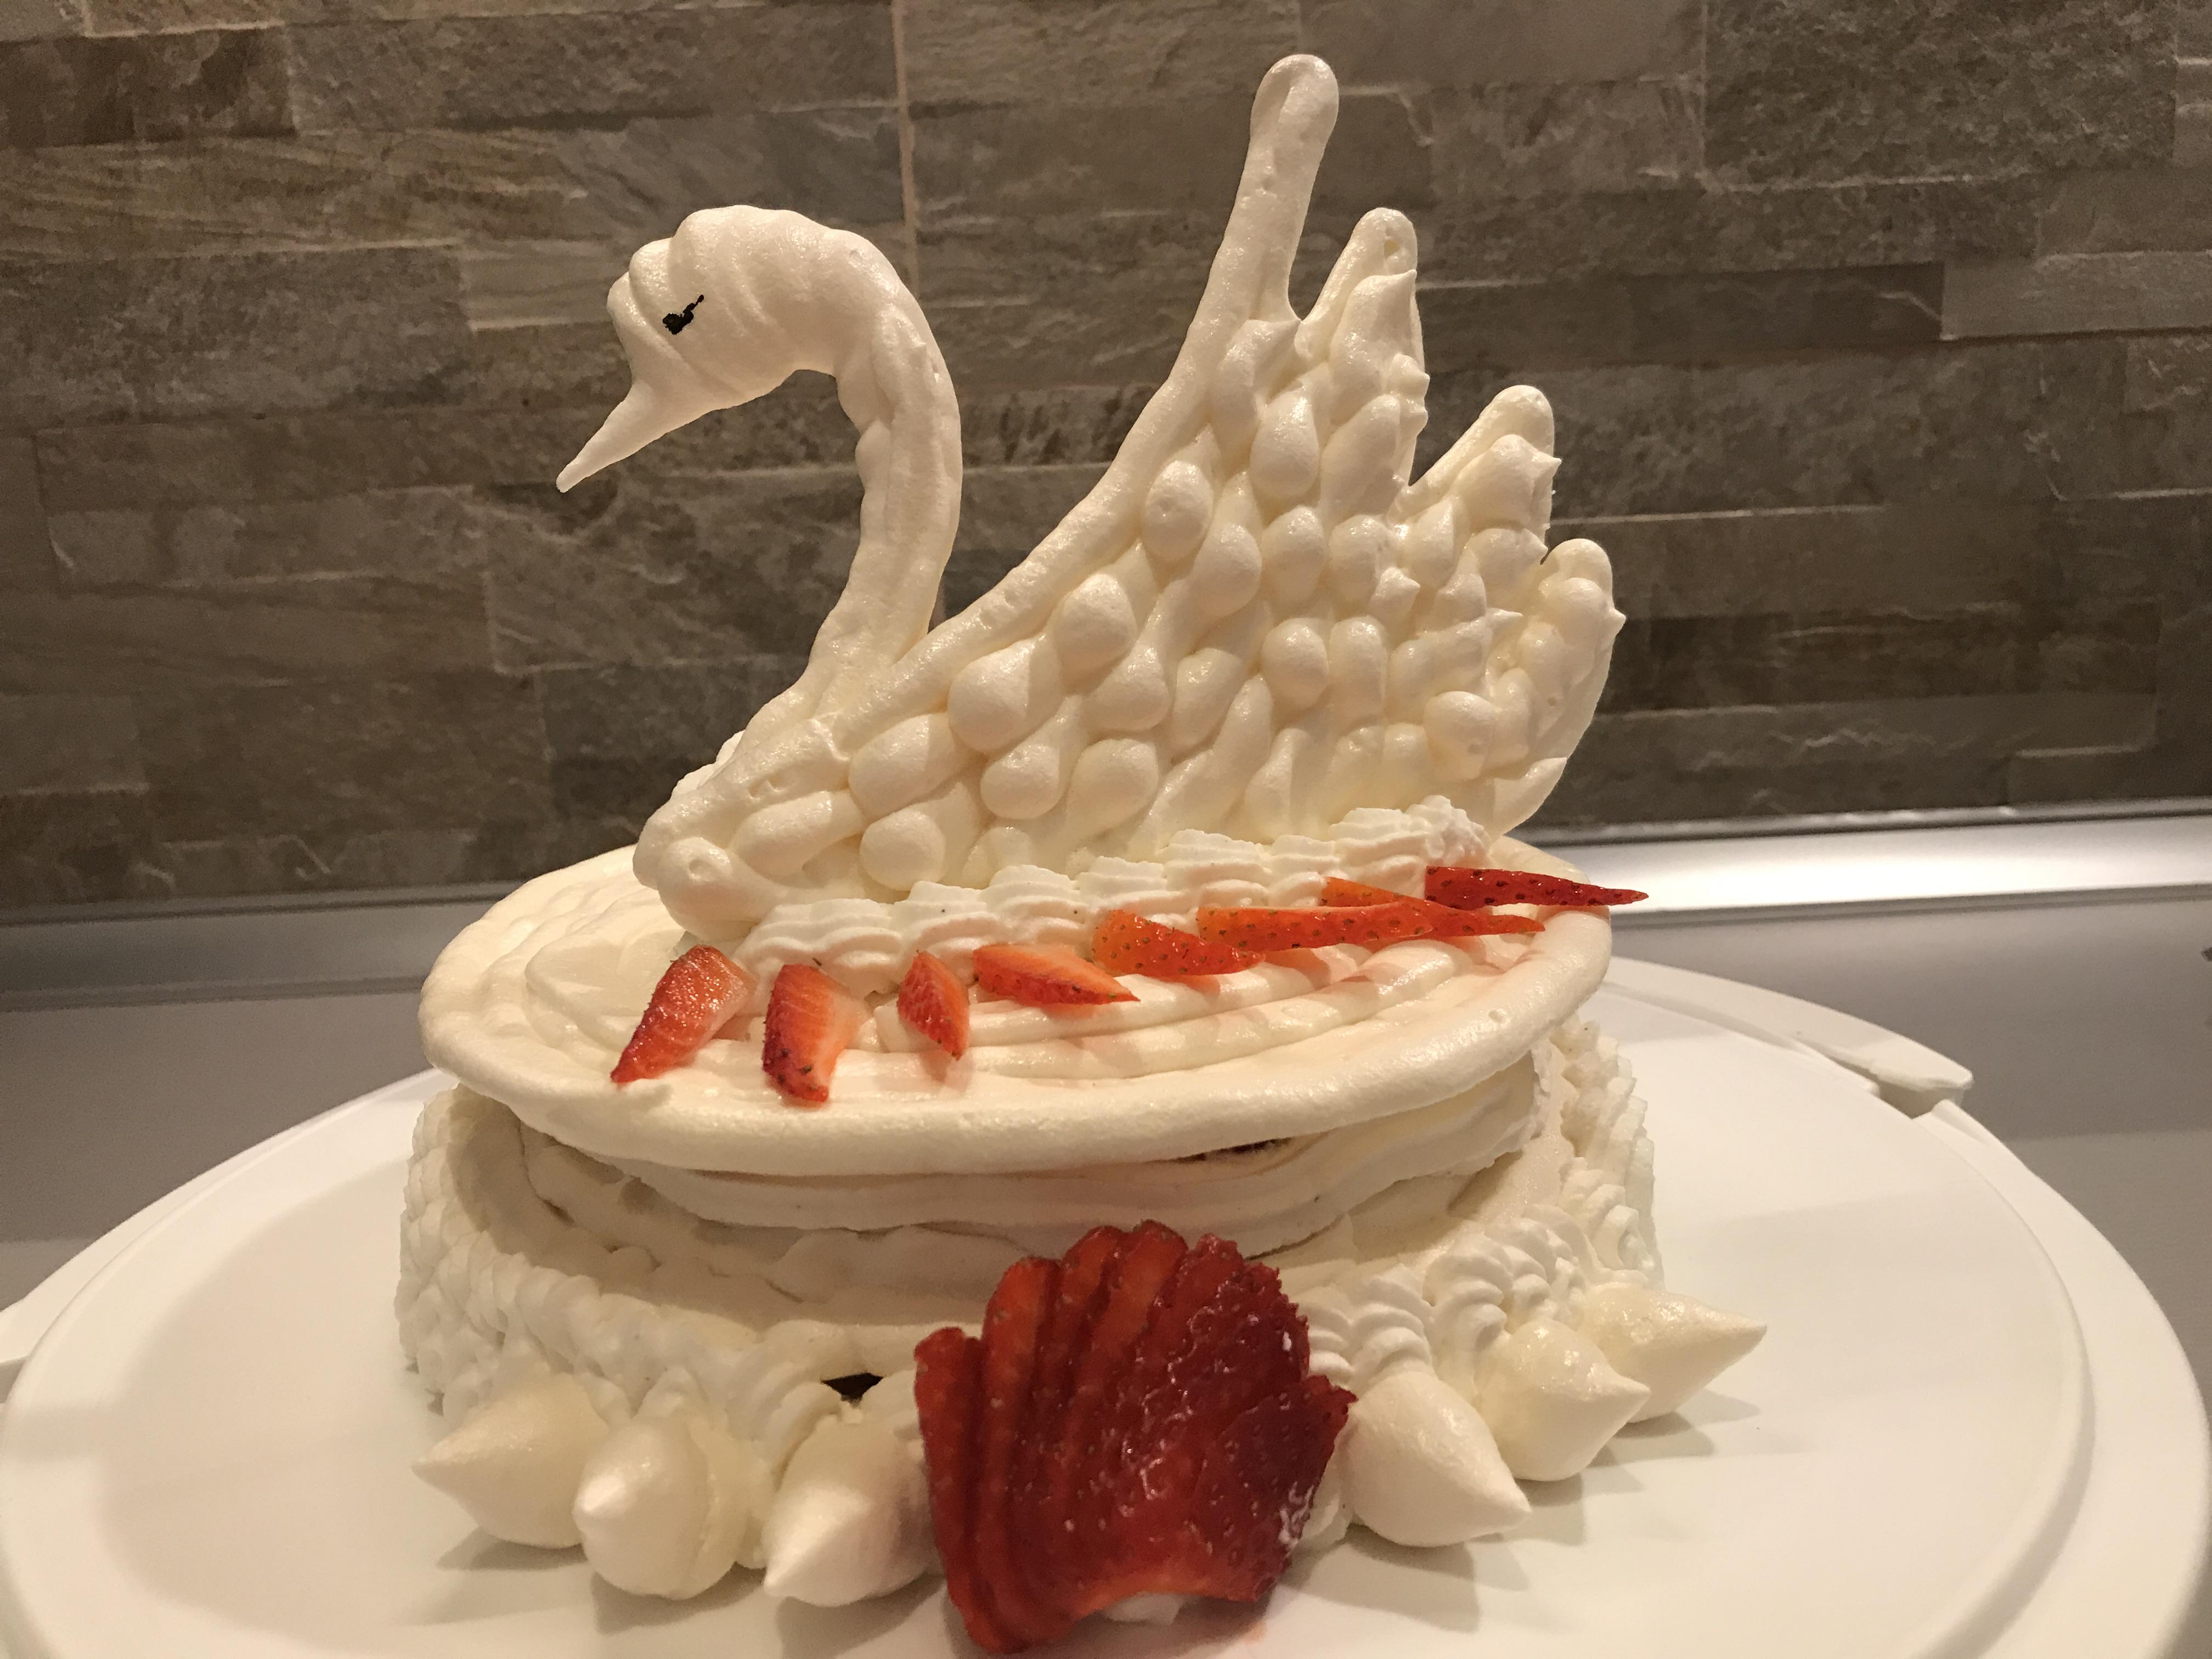 Torta a forma di cigno con meringa for Isola cucina a forma di torta